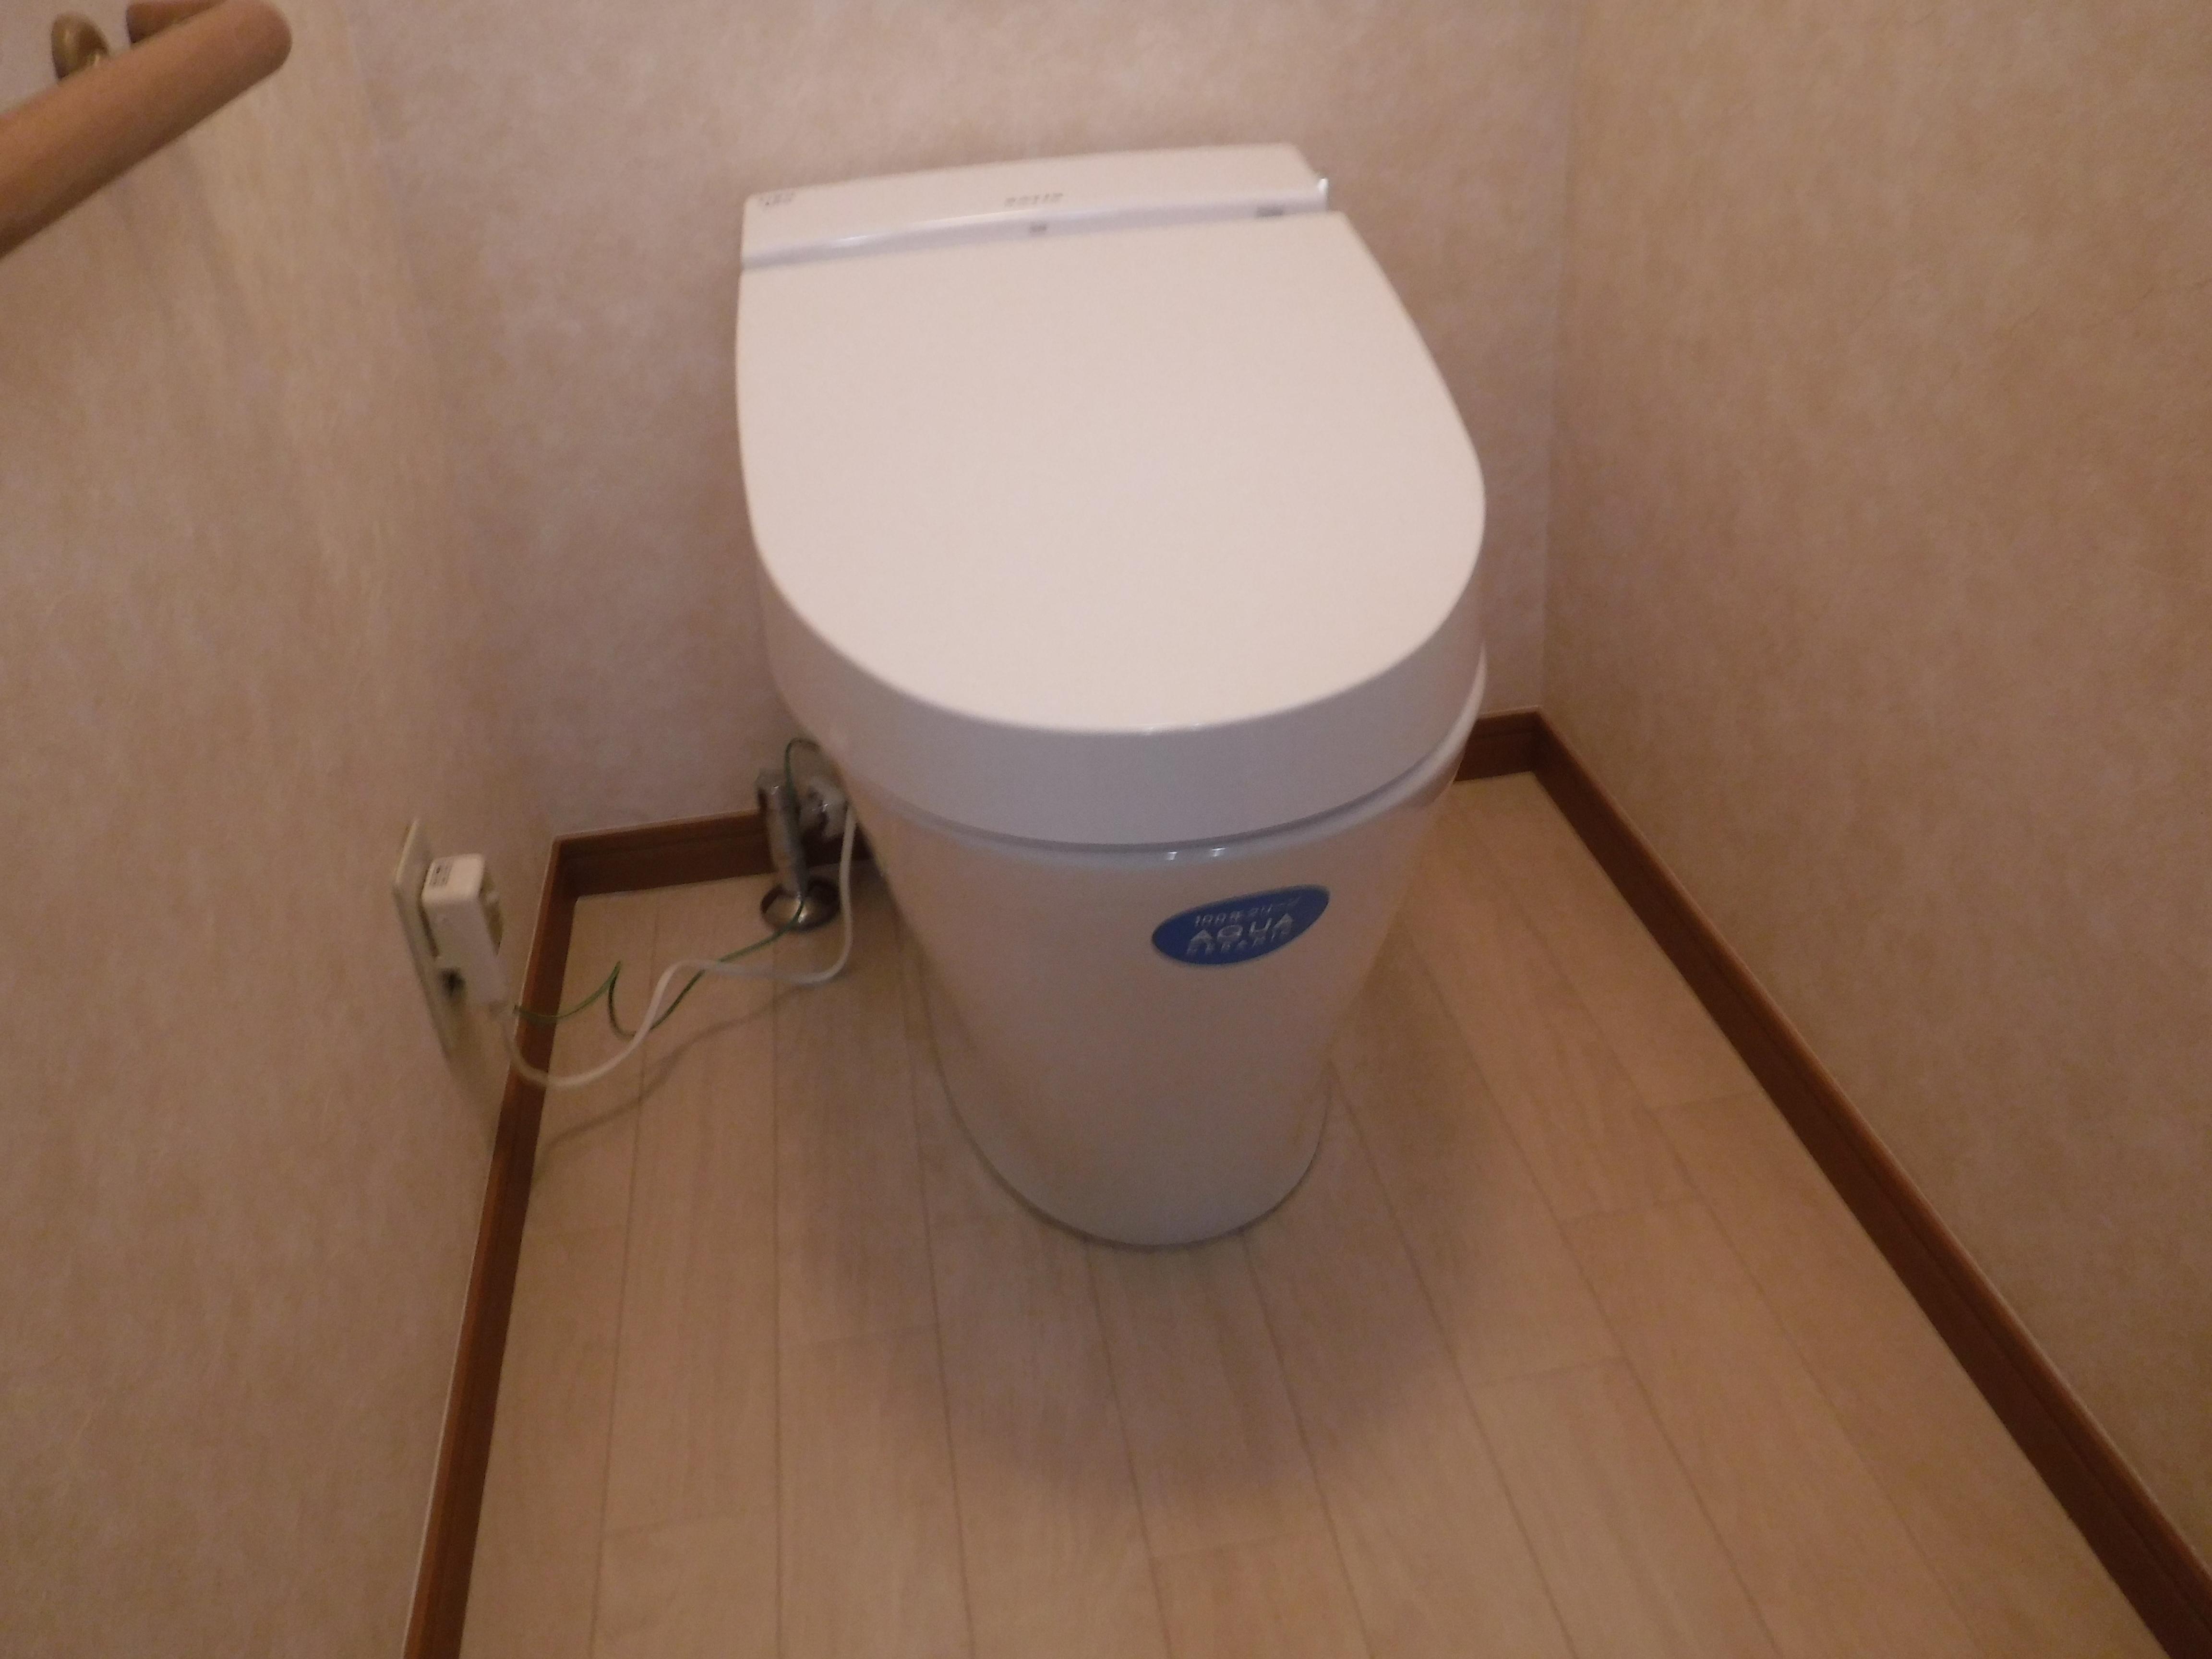 ホームセンター展示品トイレ特価で購入・・・漏水が酷いので取替え♪